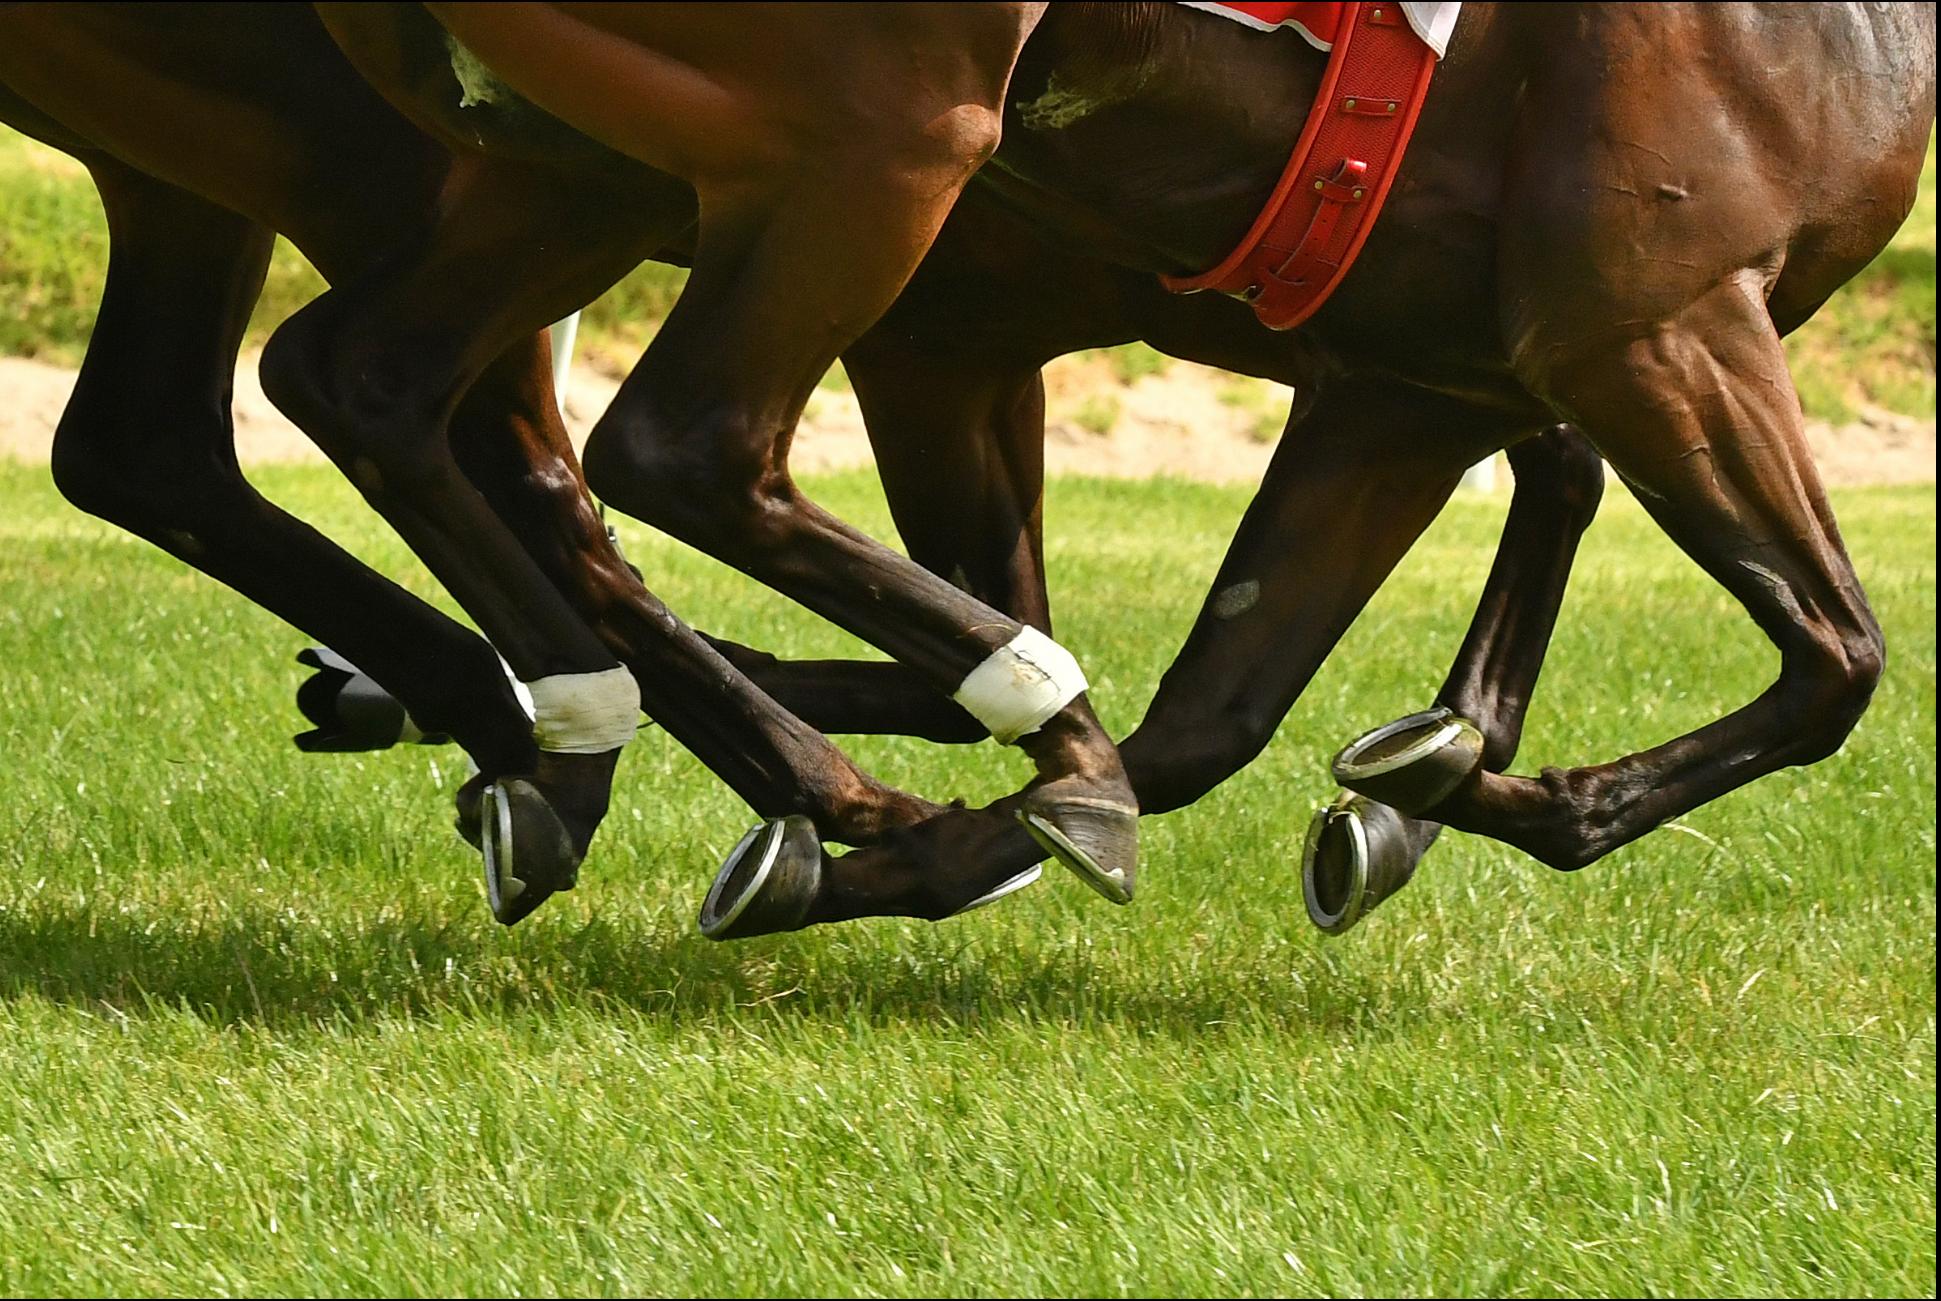 surveiller l'impact d'une course d'un galopeur